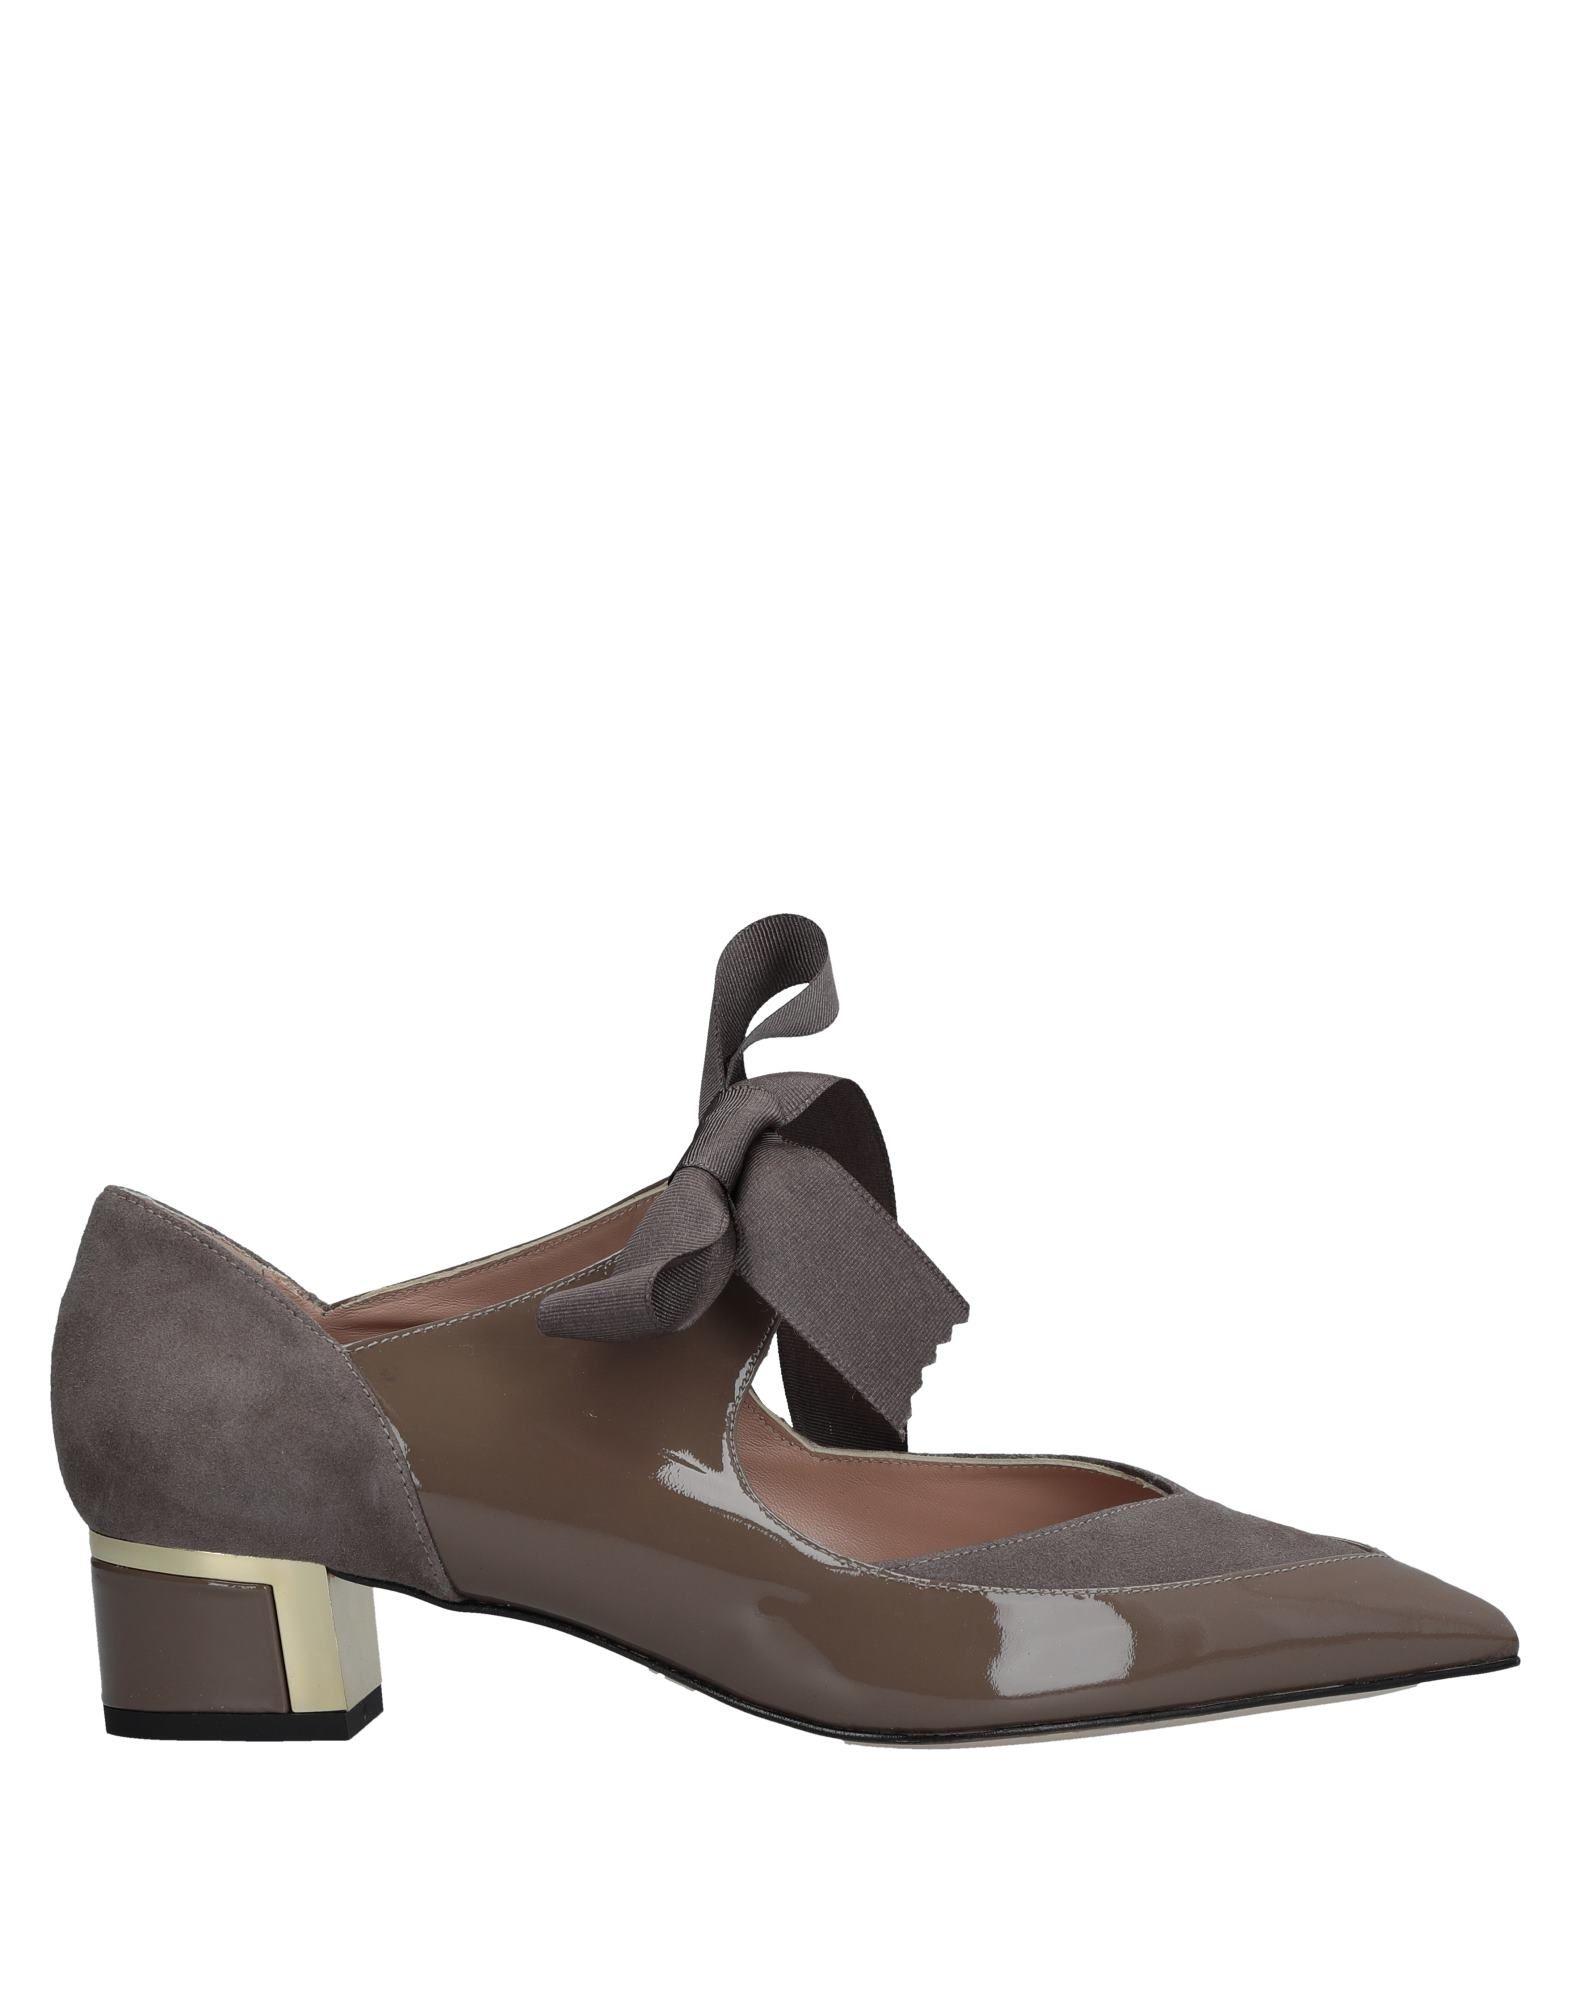 Hannibal Laguna Pumps Damen  11541927RH Gute Qualität beliebte Schuhe